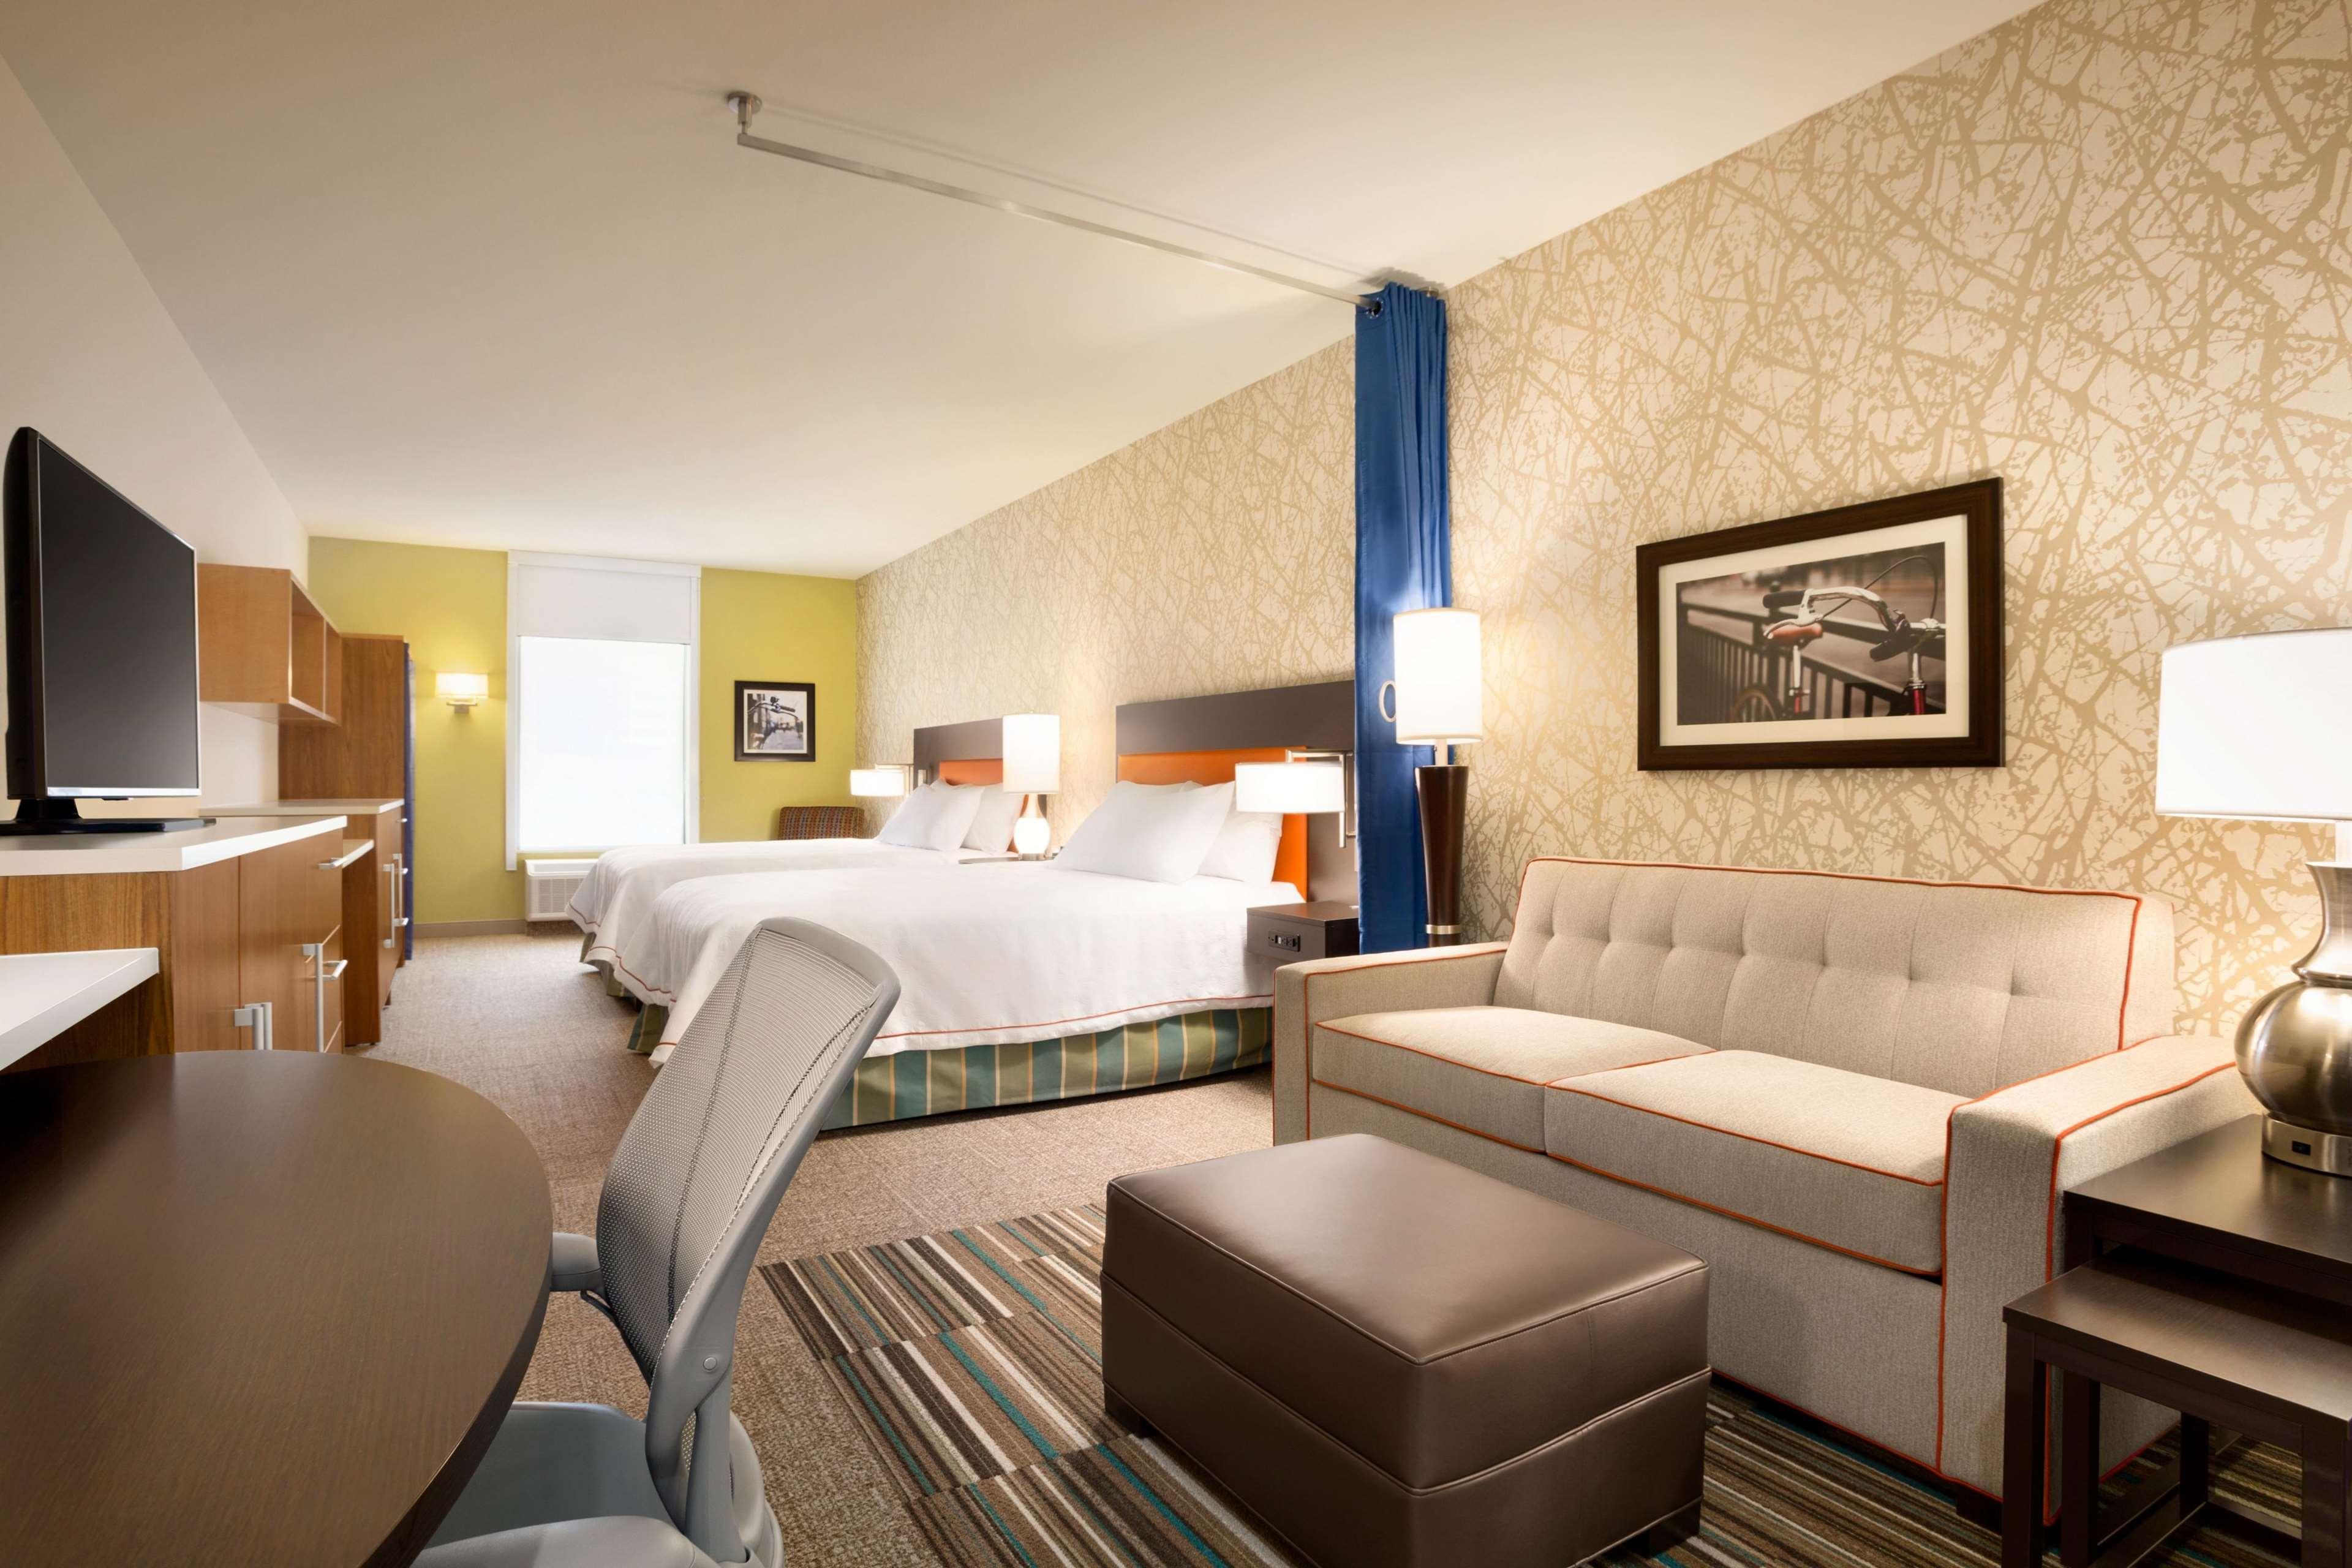 Home2 Suites by Hilton Birmingham Downtown image 23